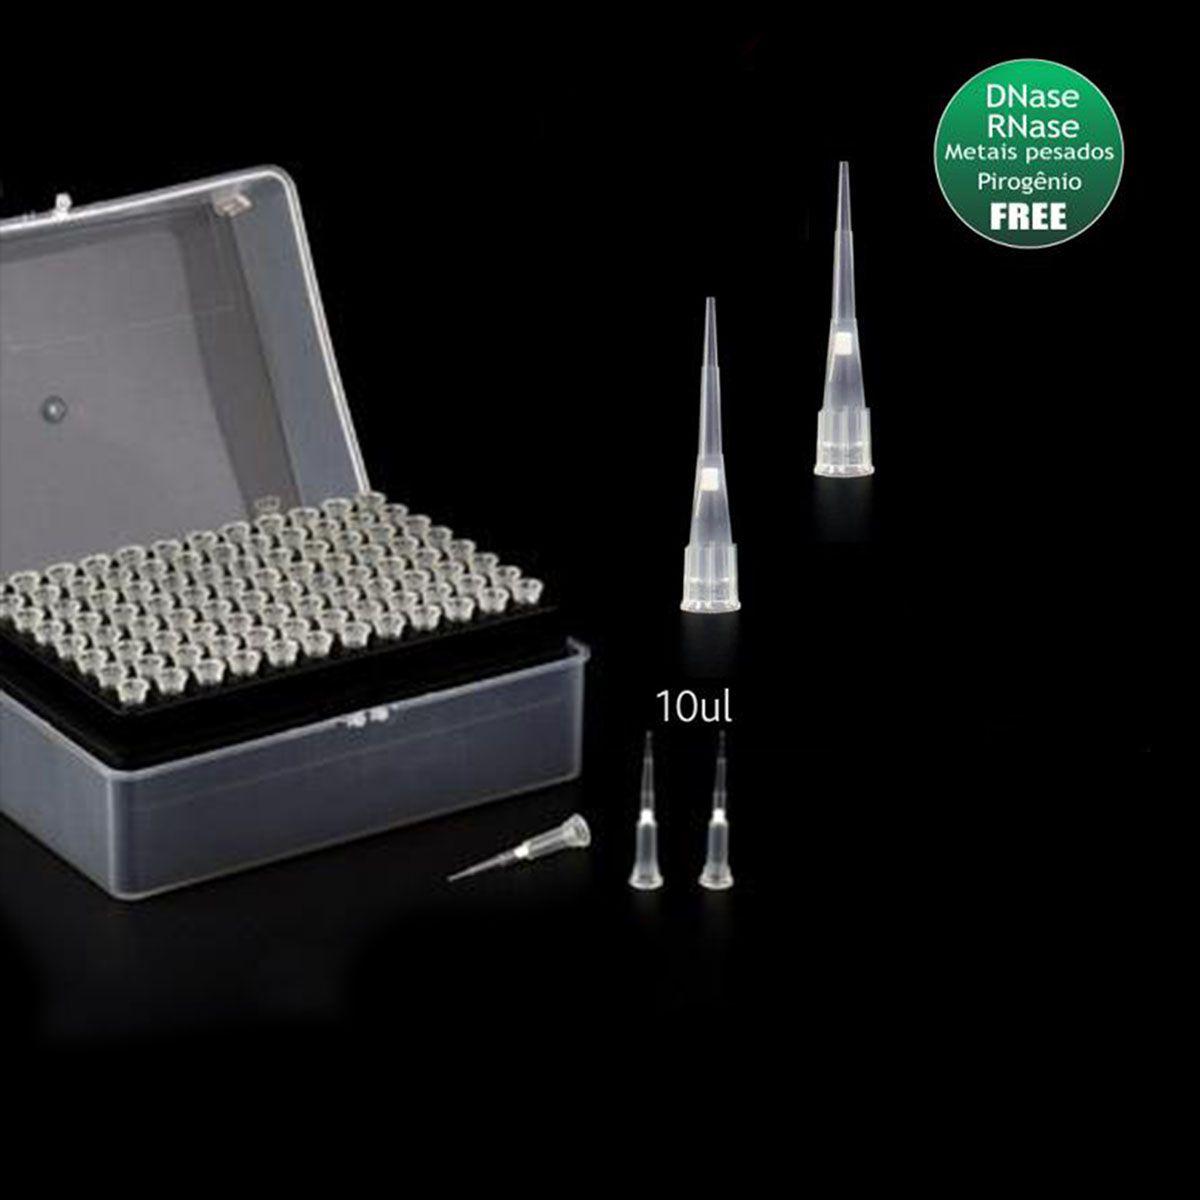 Ponteira Pcr com Filtro Tipo Gilson Estéril Rack 96 Unidades